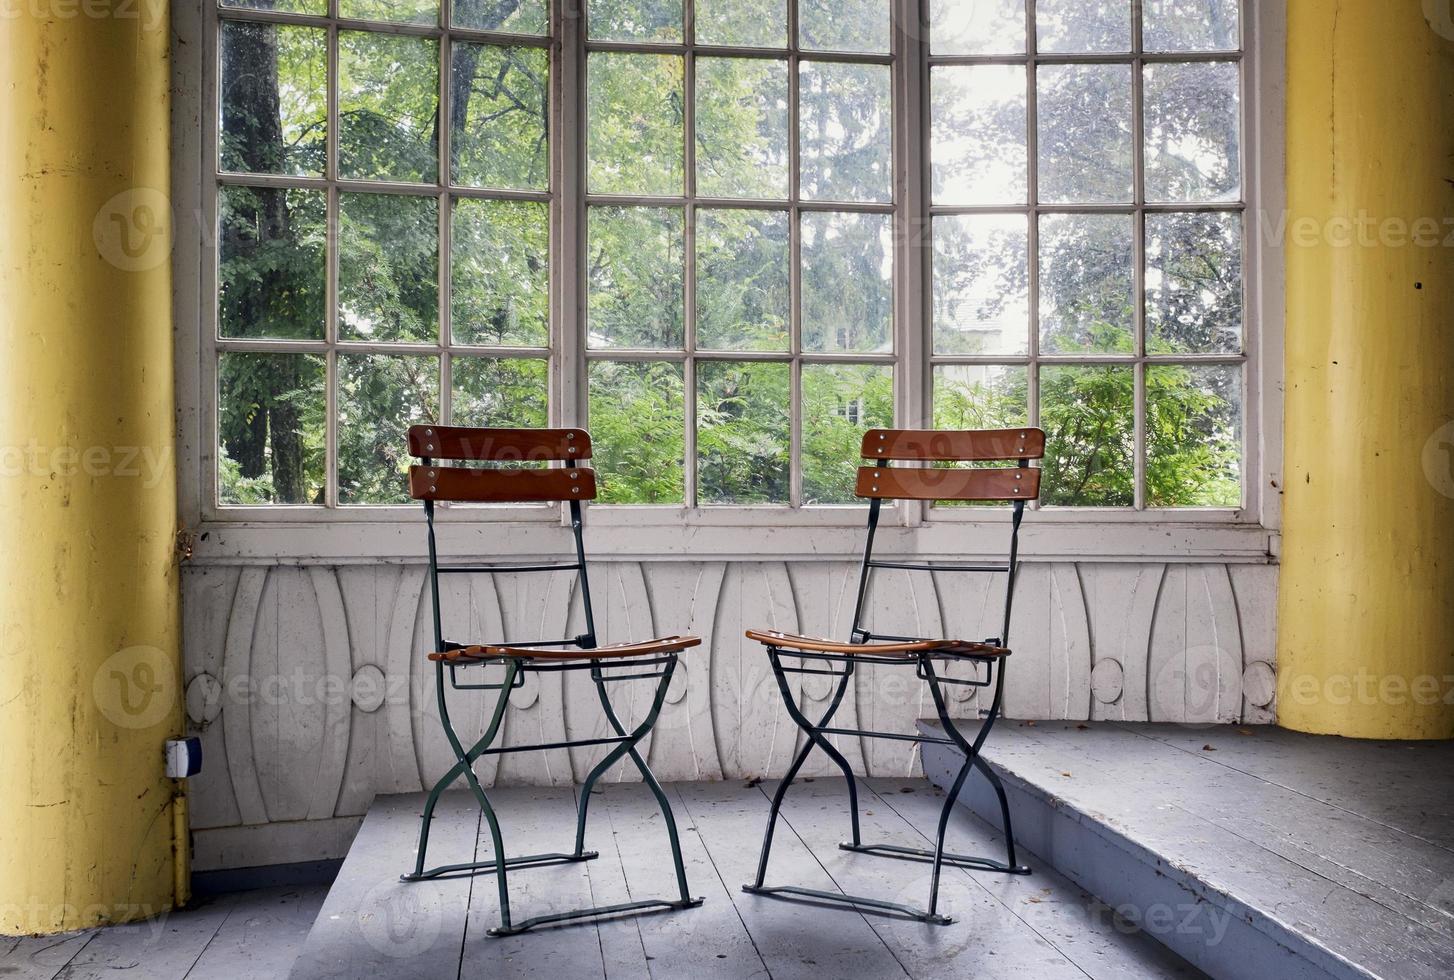 antiguo jardín de invierno foto